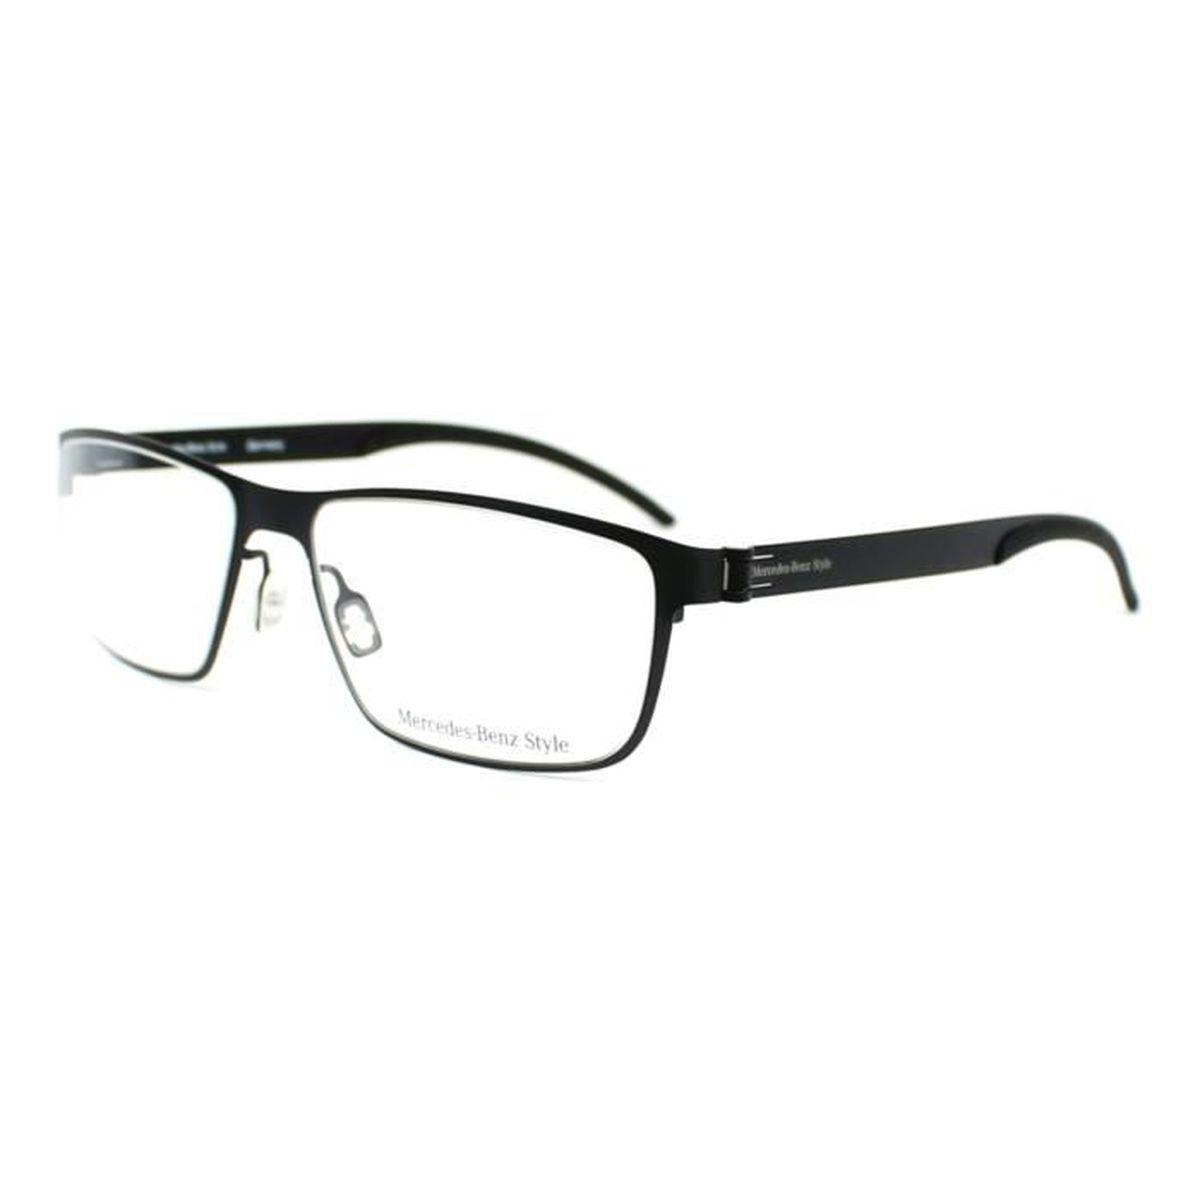 Lunettes de vue Mercedes M6044 -C Noir mat - Achat   Vente lunettes ... 95b812f5cea4